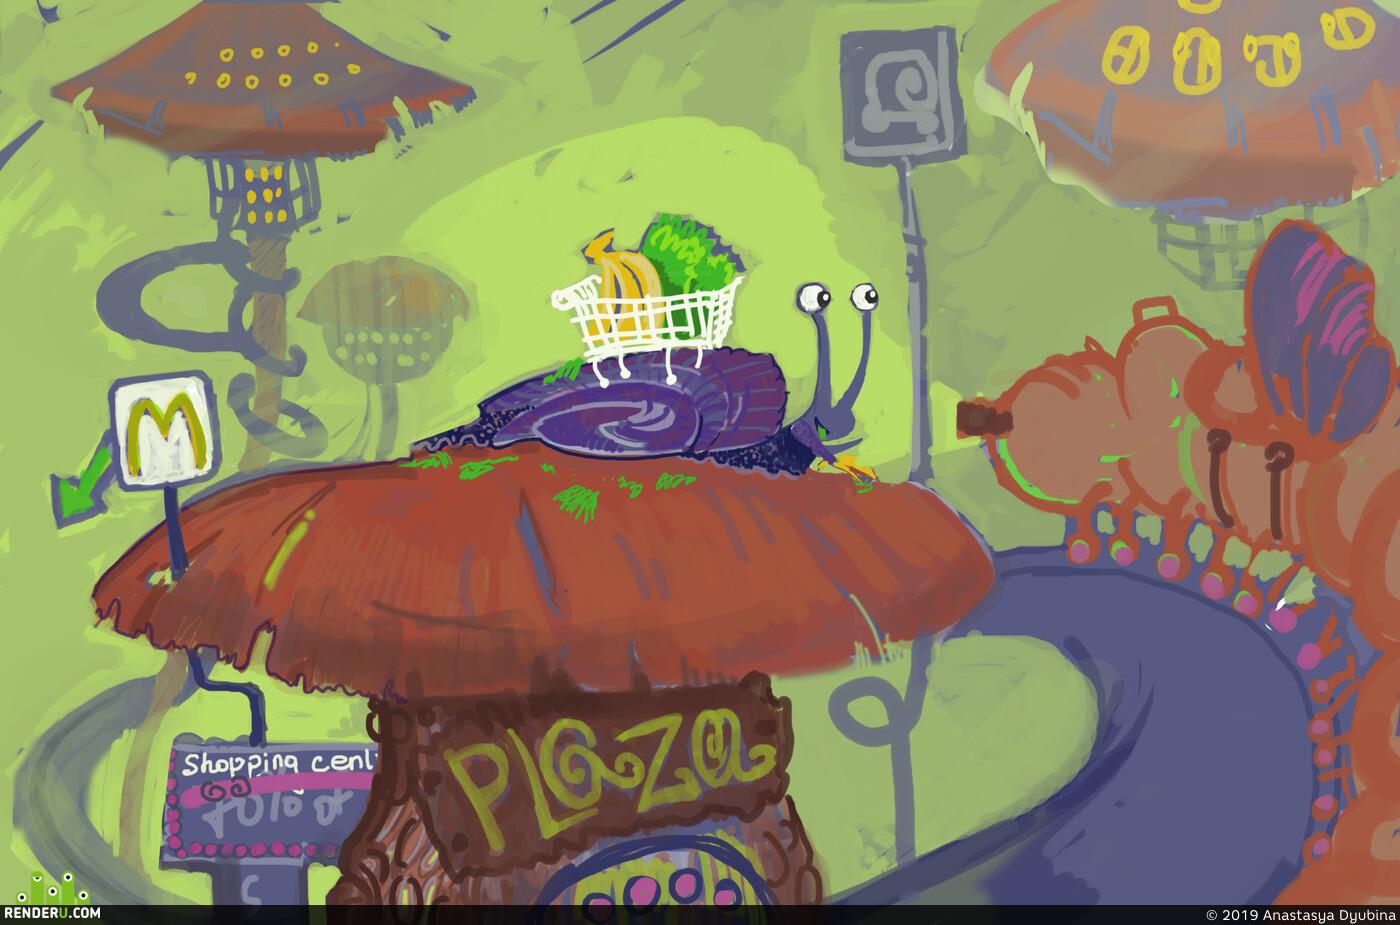 illustration, gameart, gameartist, digital sketching